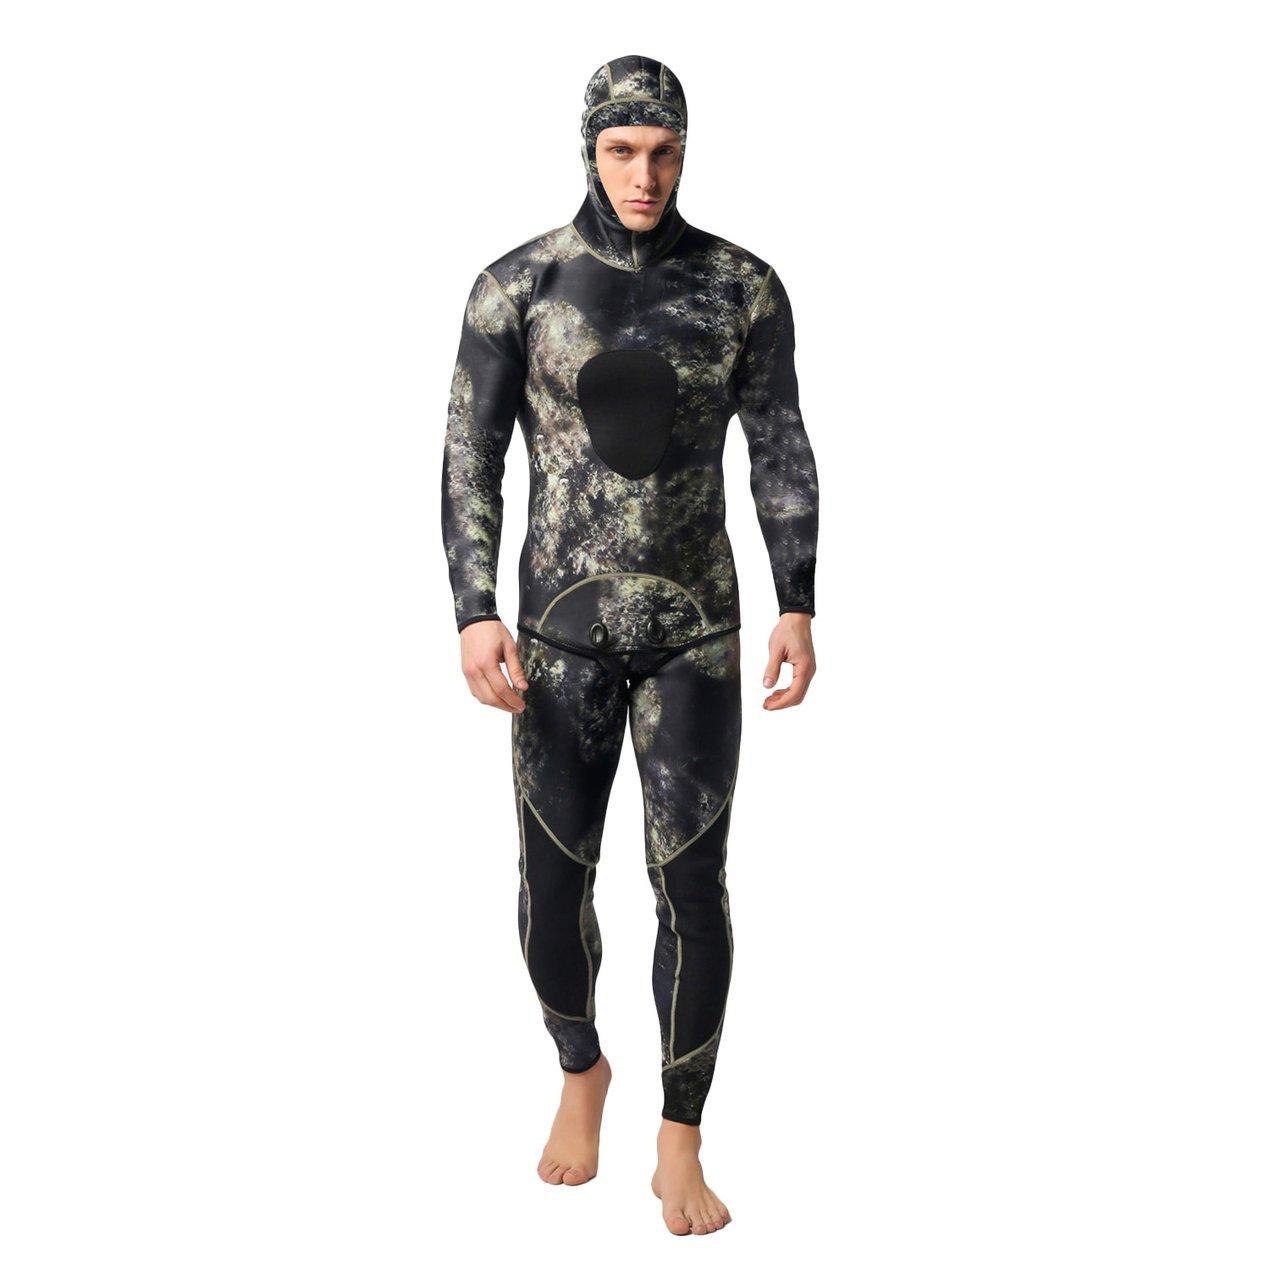 Männer Volle Neoprenanzug Flache Nähte Schwimmen 3mm Neopren Wetsuit, Verstellbare Hals Schließung, Easy Glide Zip Neoprenanzug, Ideal für Surfen Segeln Jetski Kanu Schwimmen